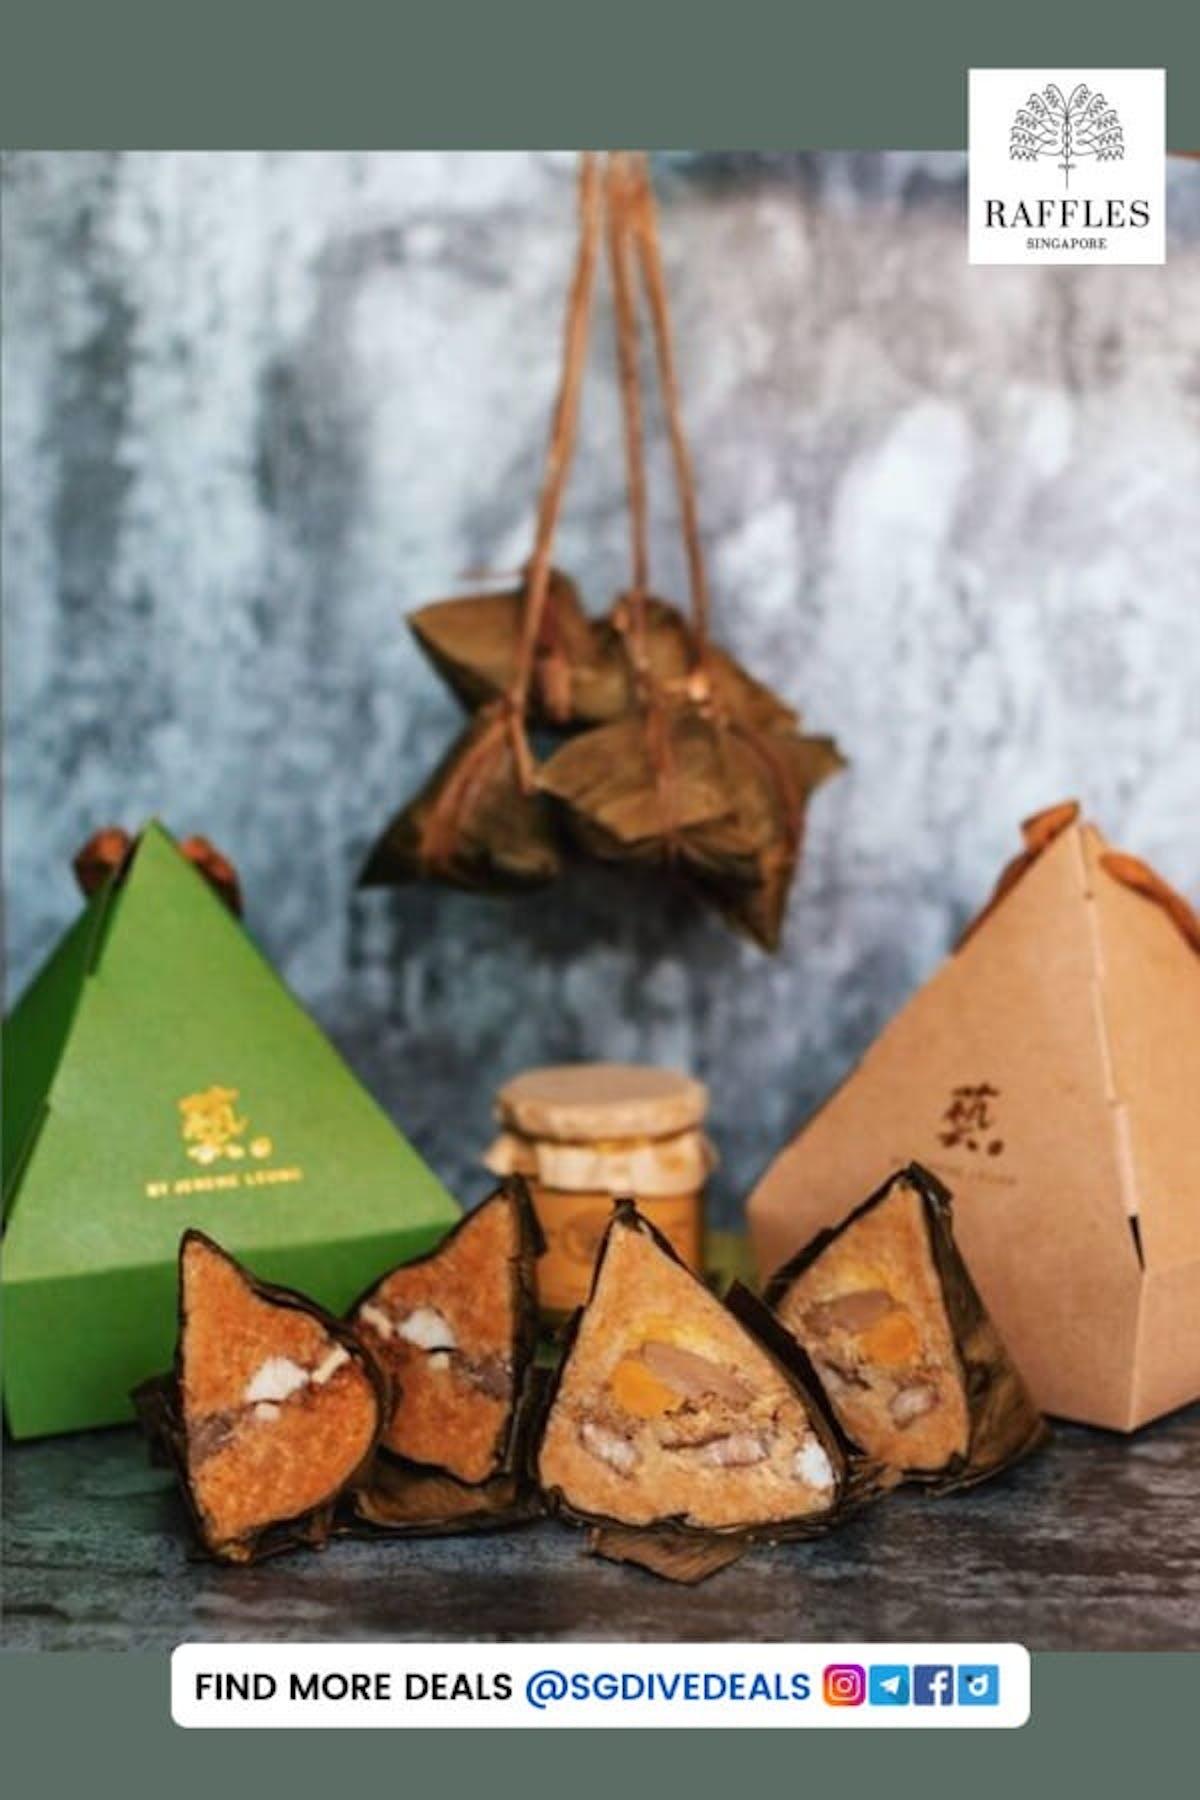 Jereme Leung's Rice Dumpling